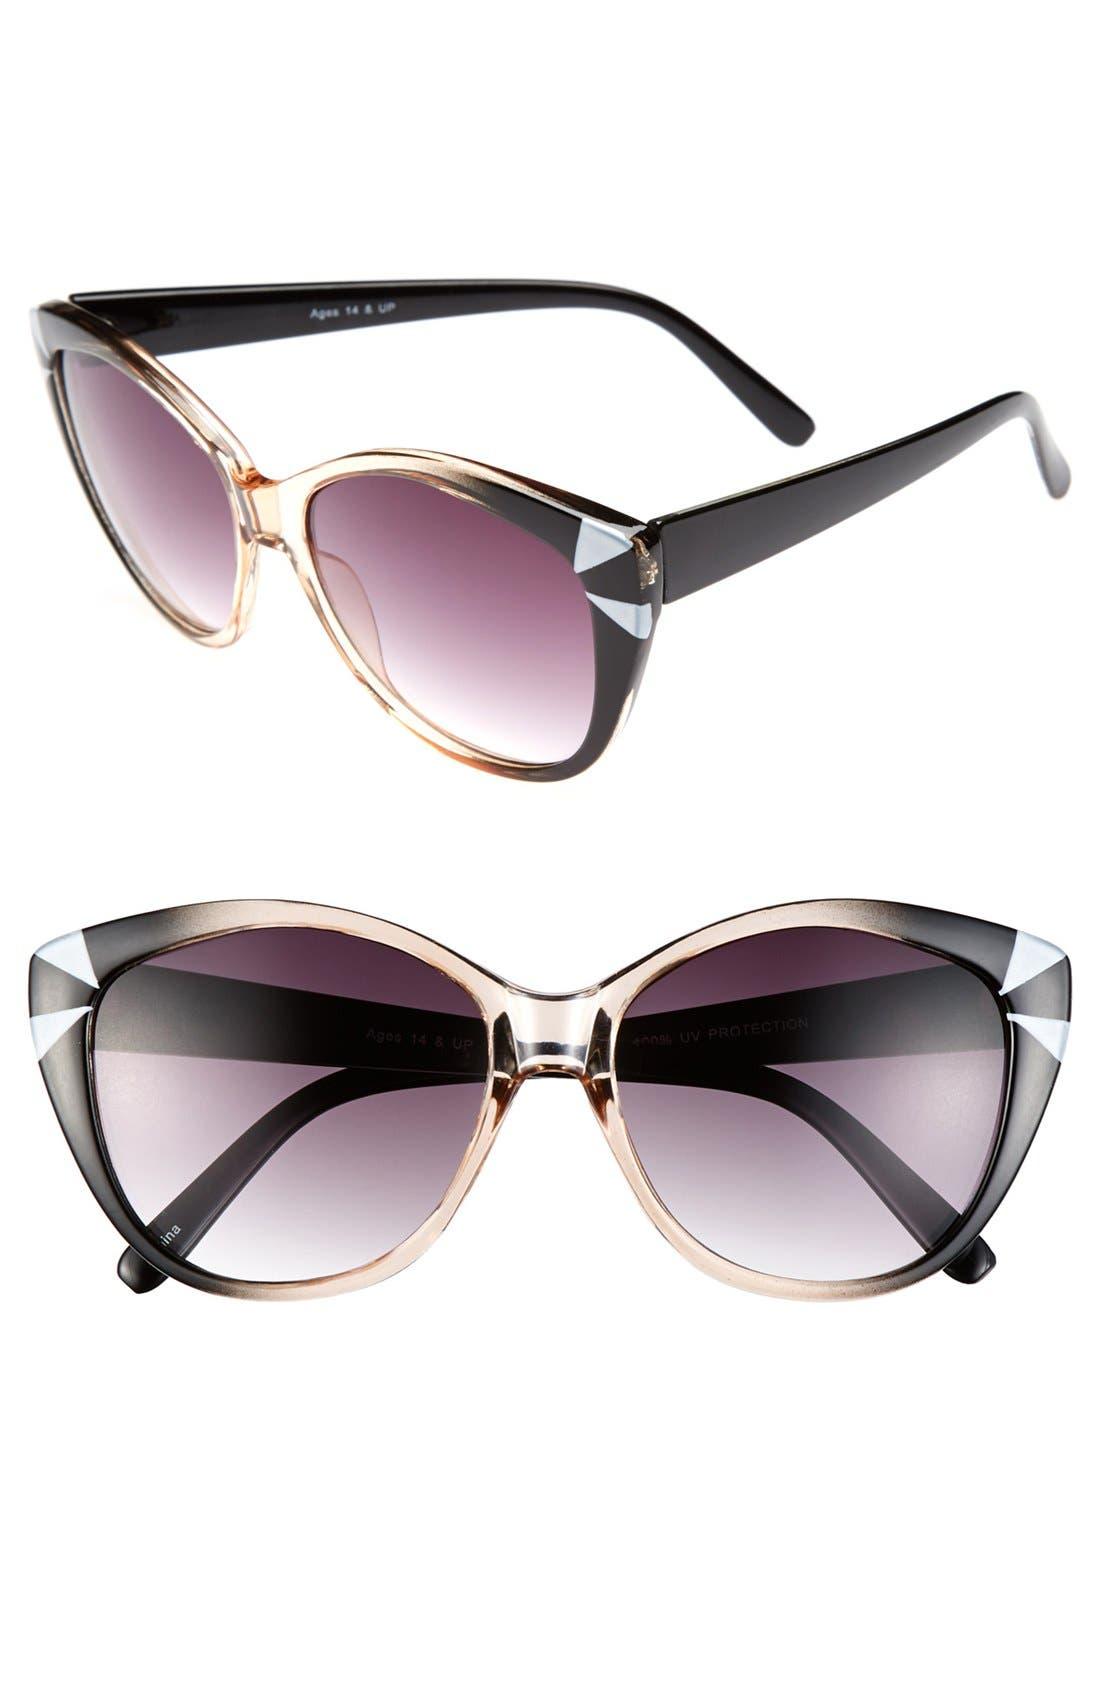 Main Image - FE NY 'Retrospective' 55mm Cat Eye Sunglasses